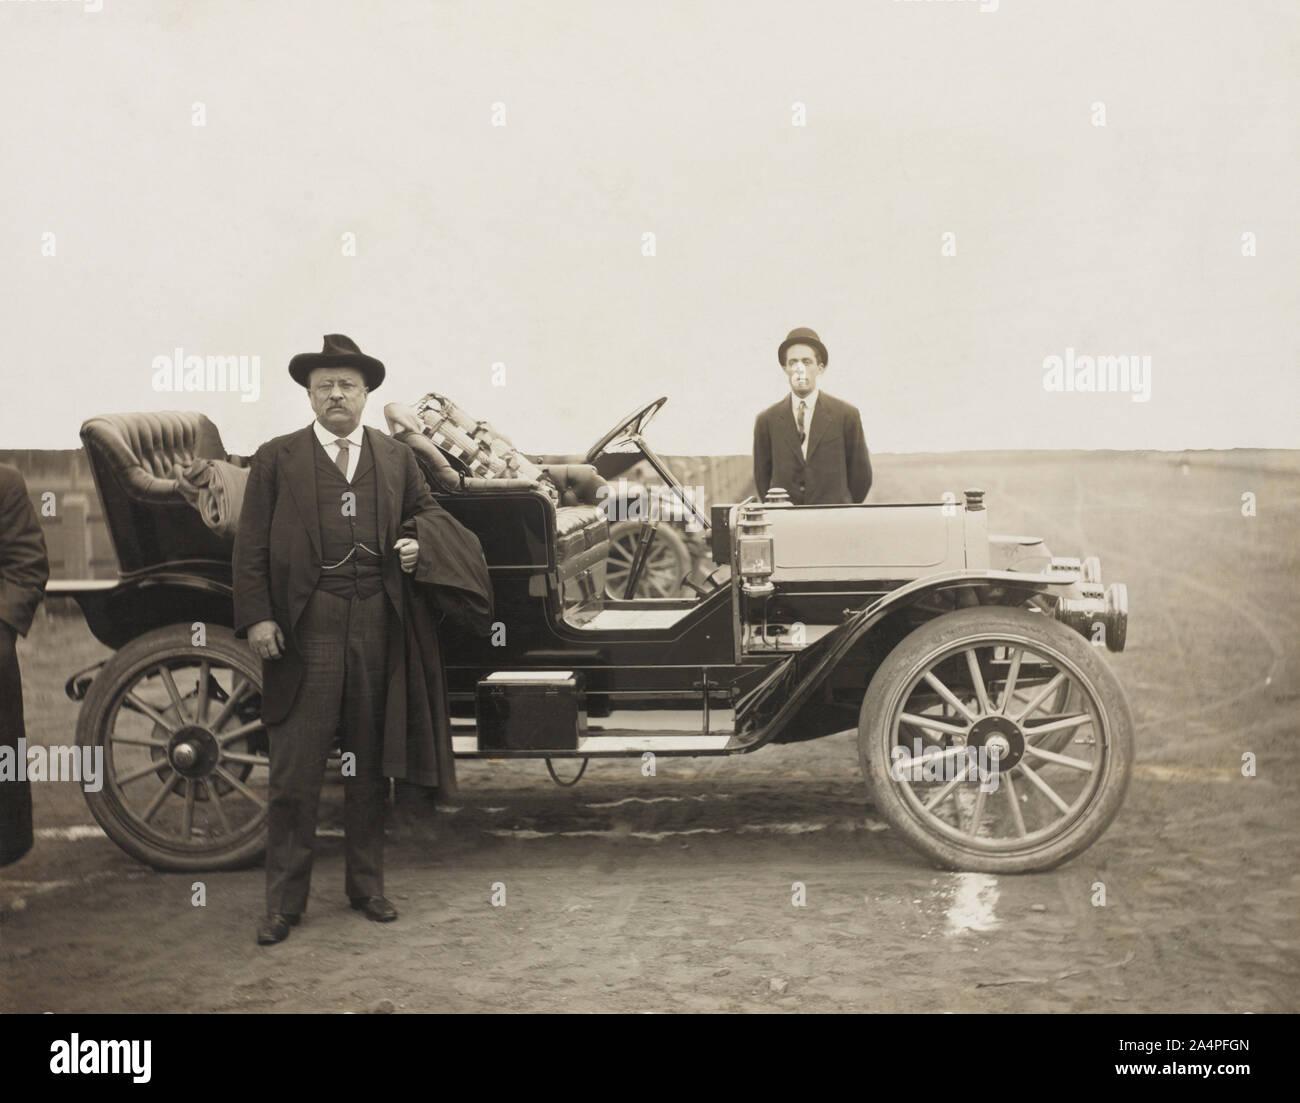 Theodore Roosevelt de pie delante del automóvil, Sioux Falls, Dakota del Sur, Estados Unidos, Fotografía por W. E. Hannah, 1910 Foto de stock